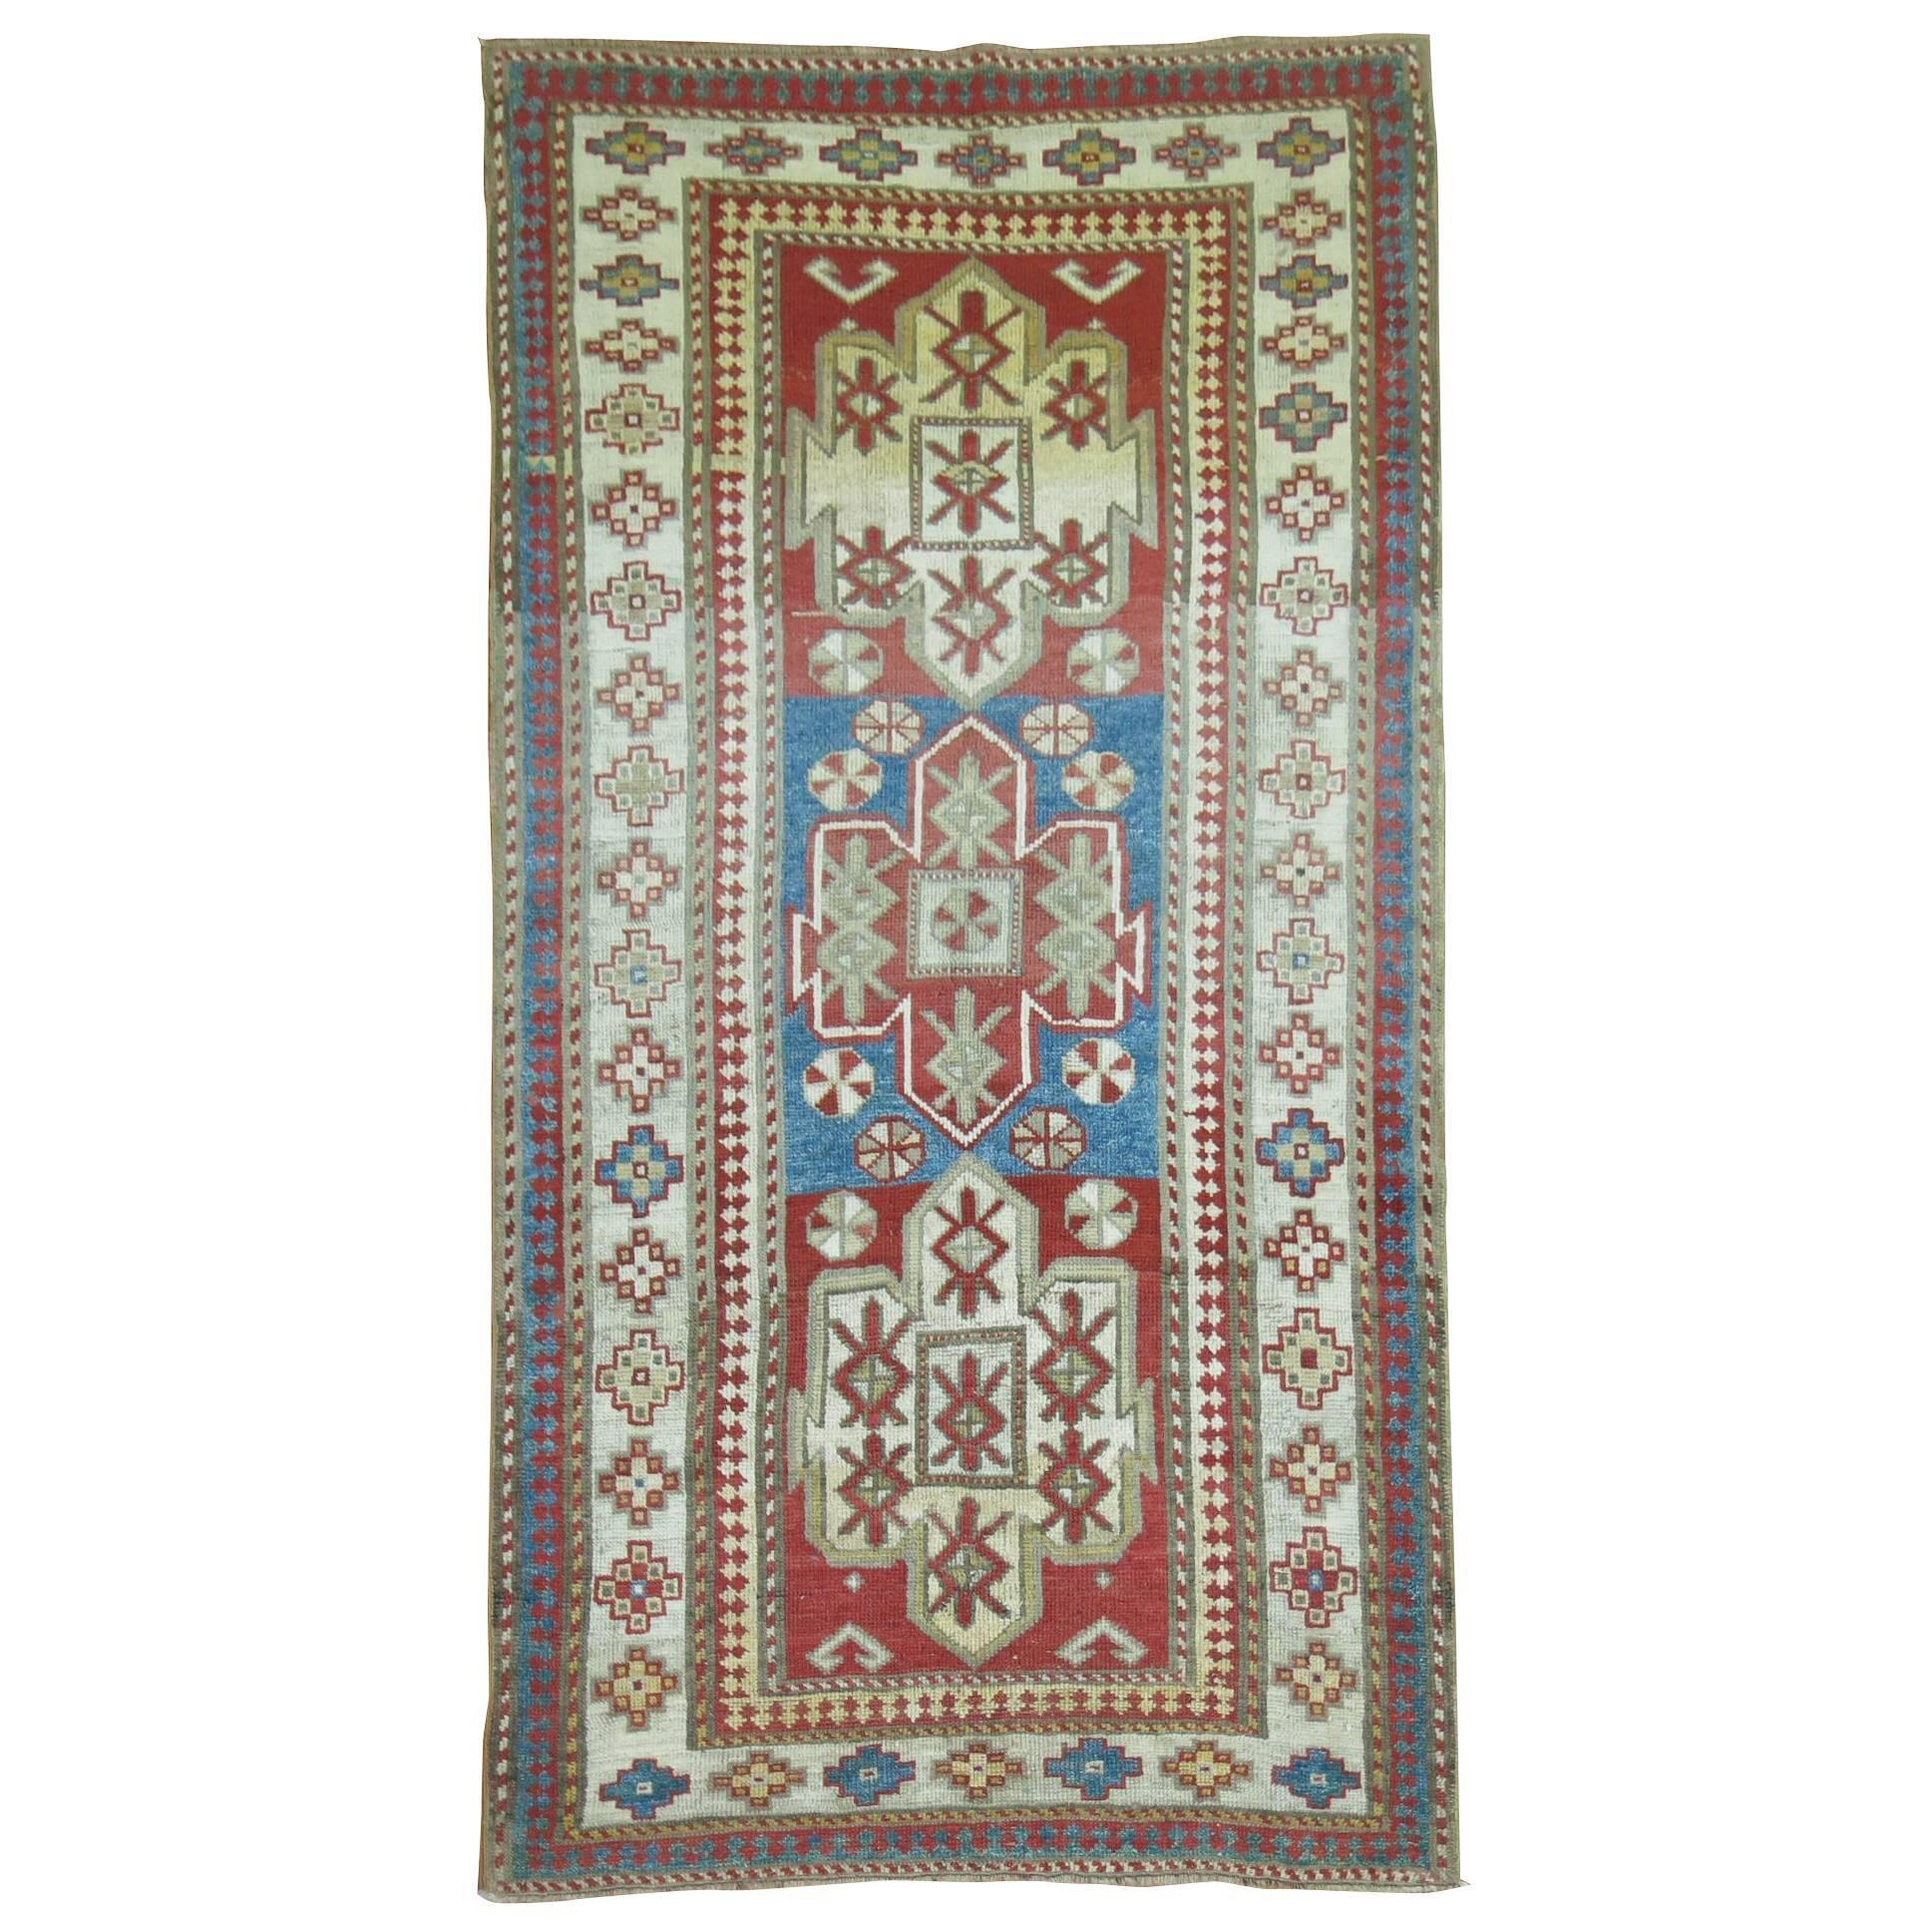 Antique Bordjalou Kazak Rug